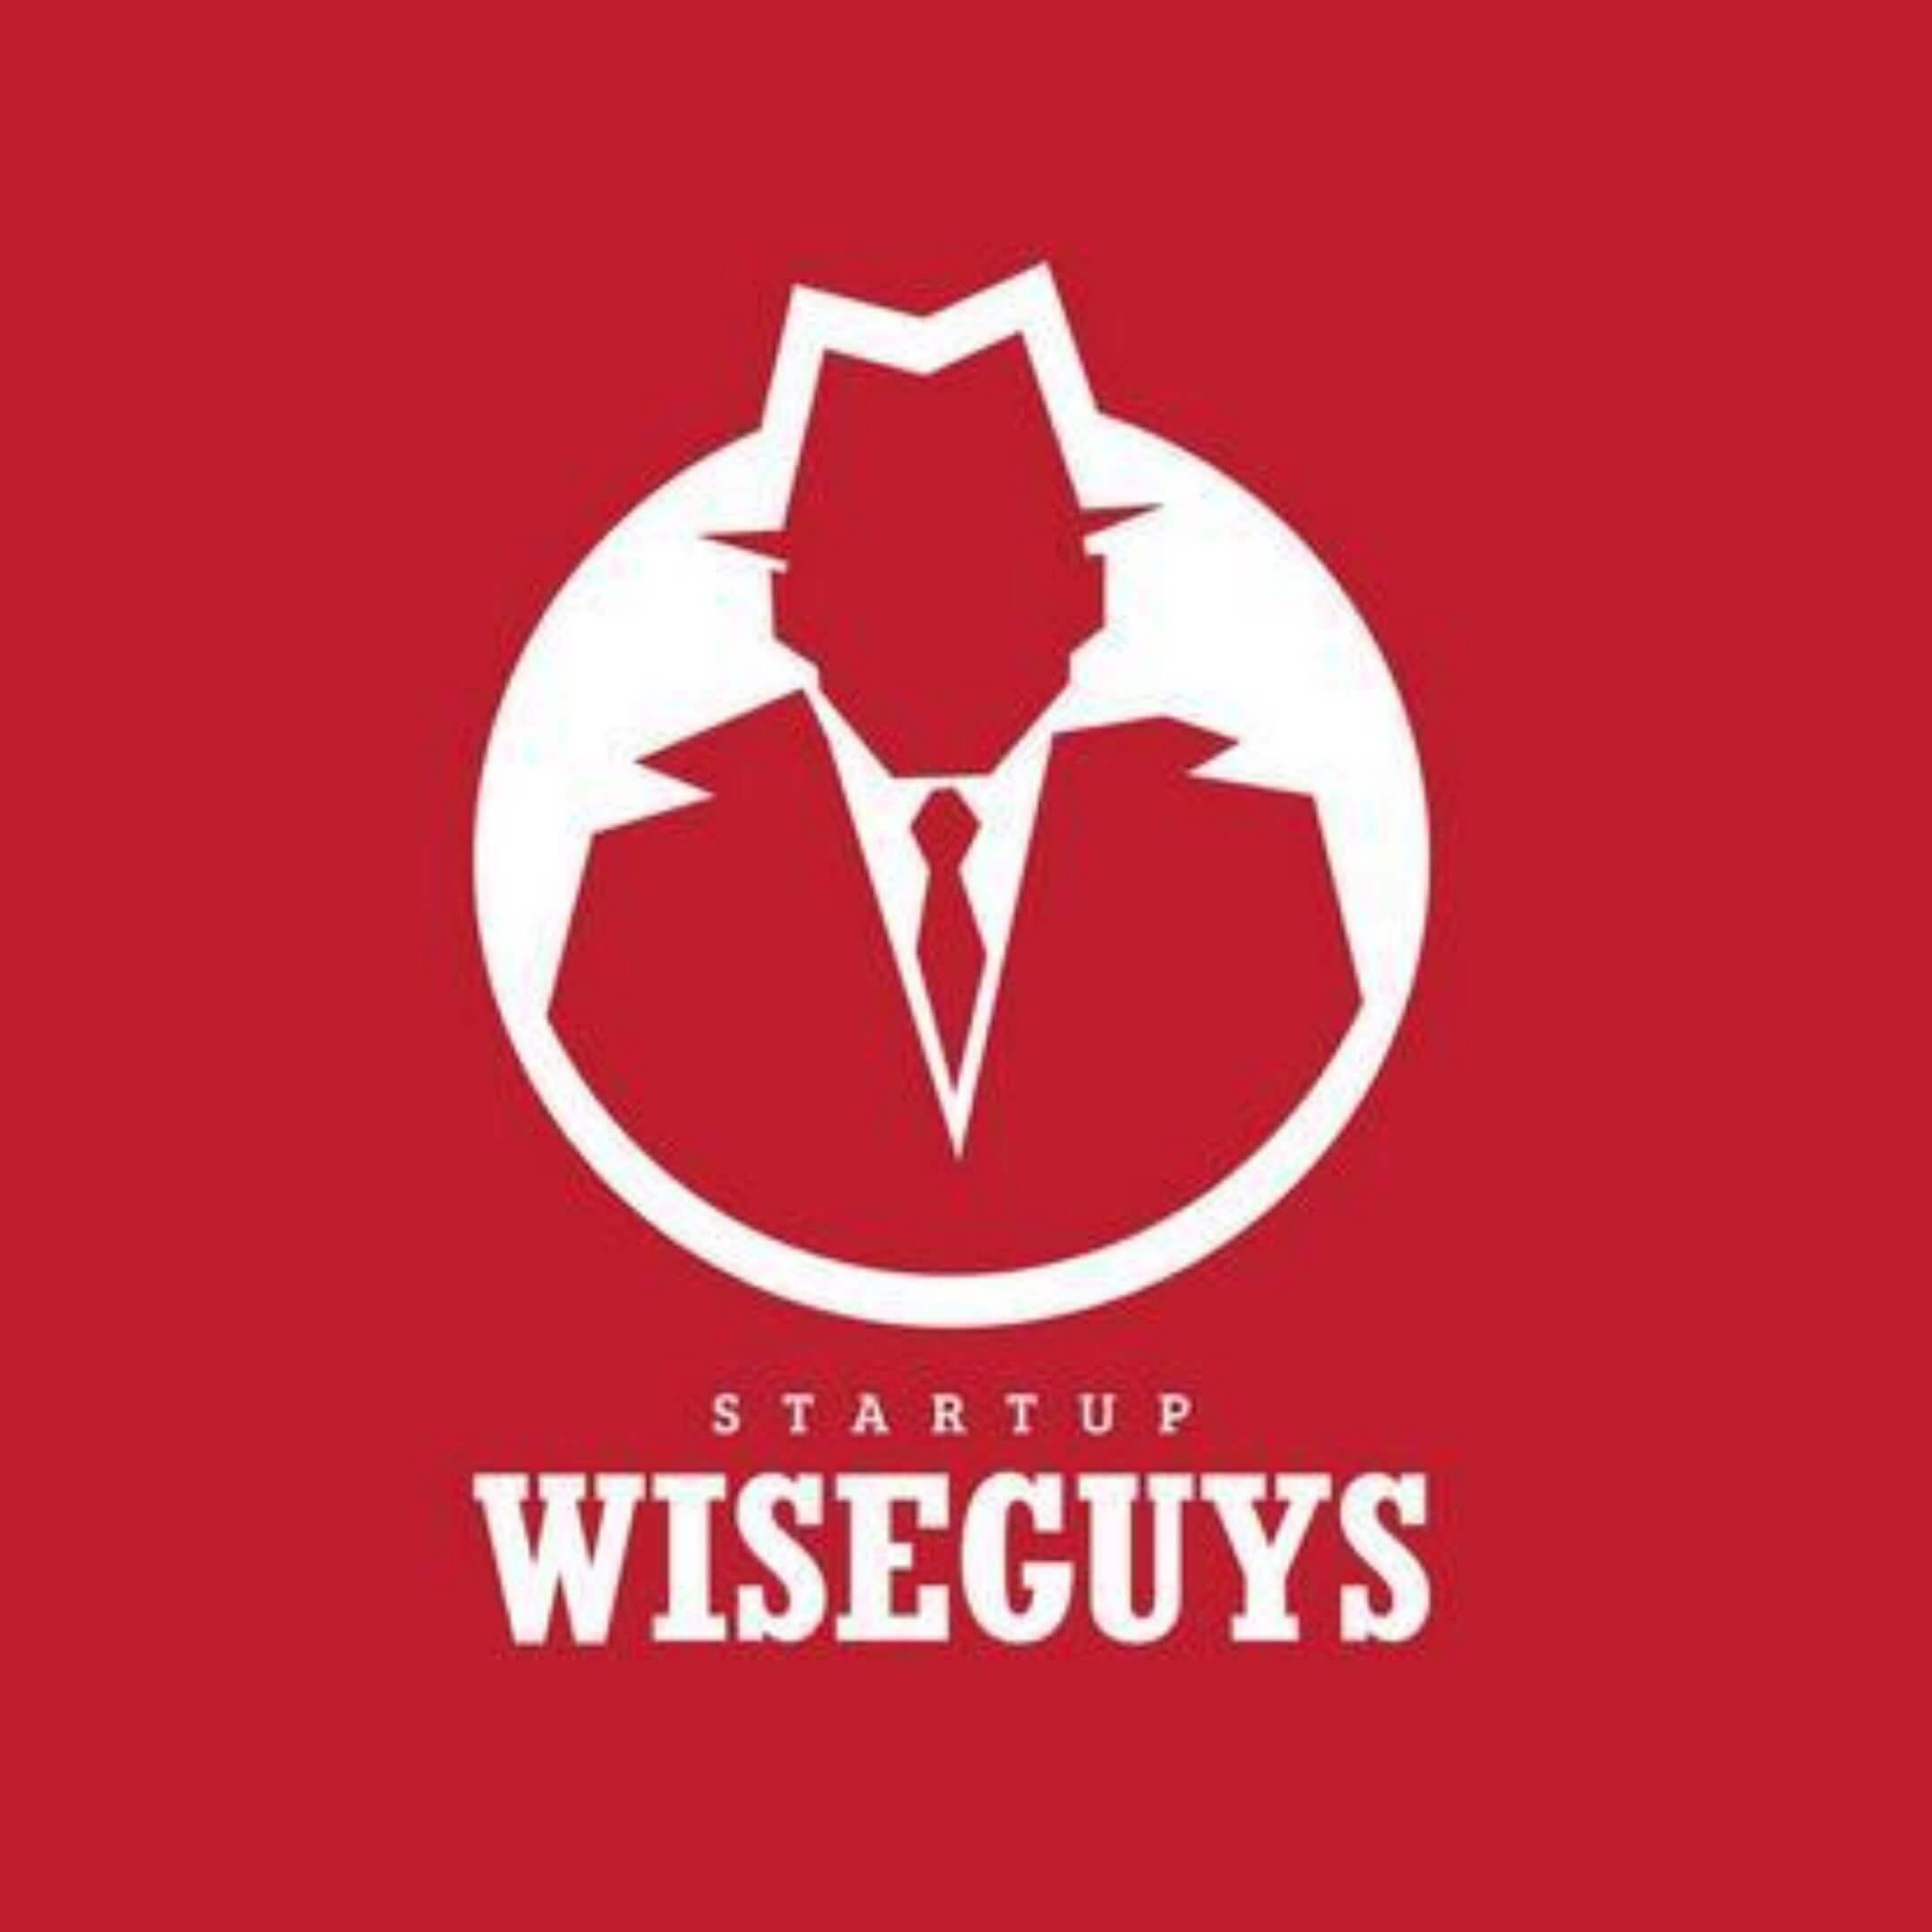 Startup Wise Guys Logo Copyright Startup Wise Guys